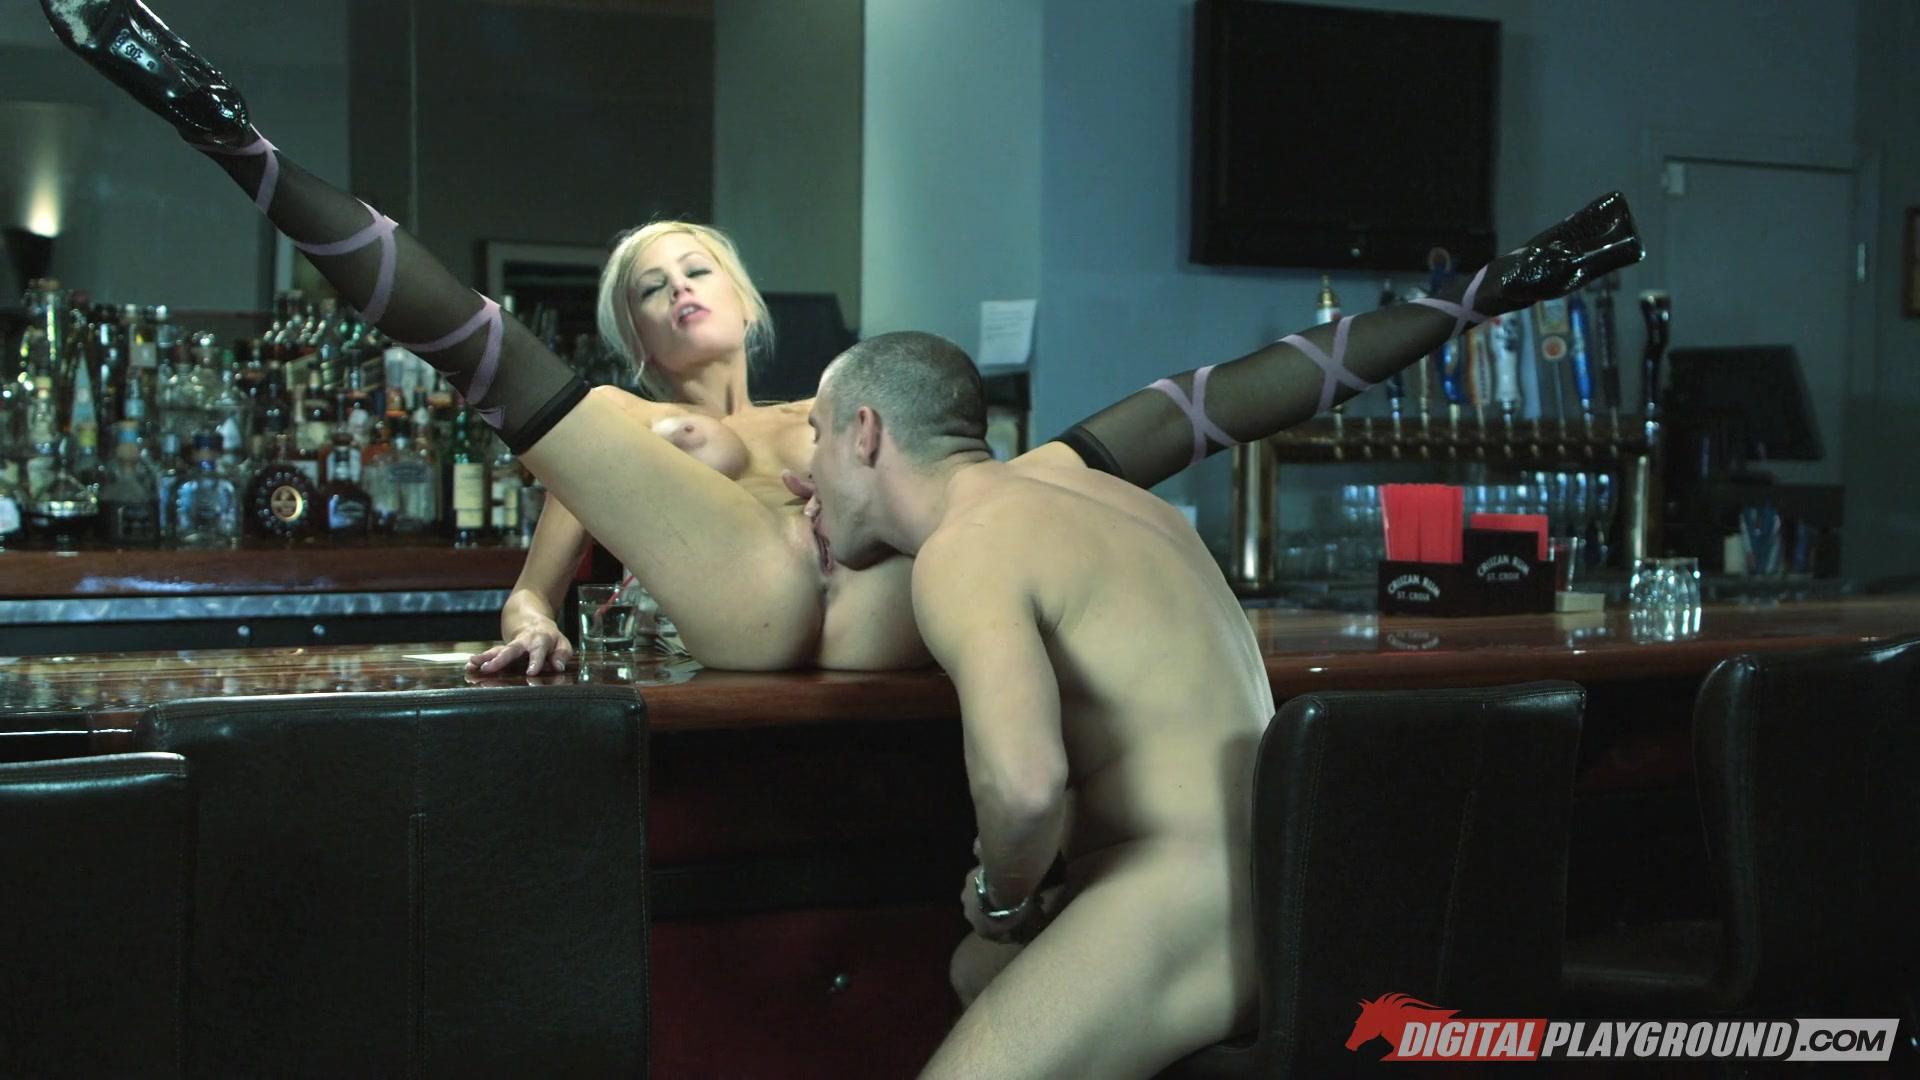 Две грудастые блондинки лизались на барной стойке, полный кайф секс видео